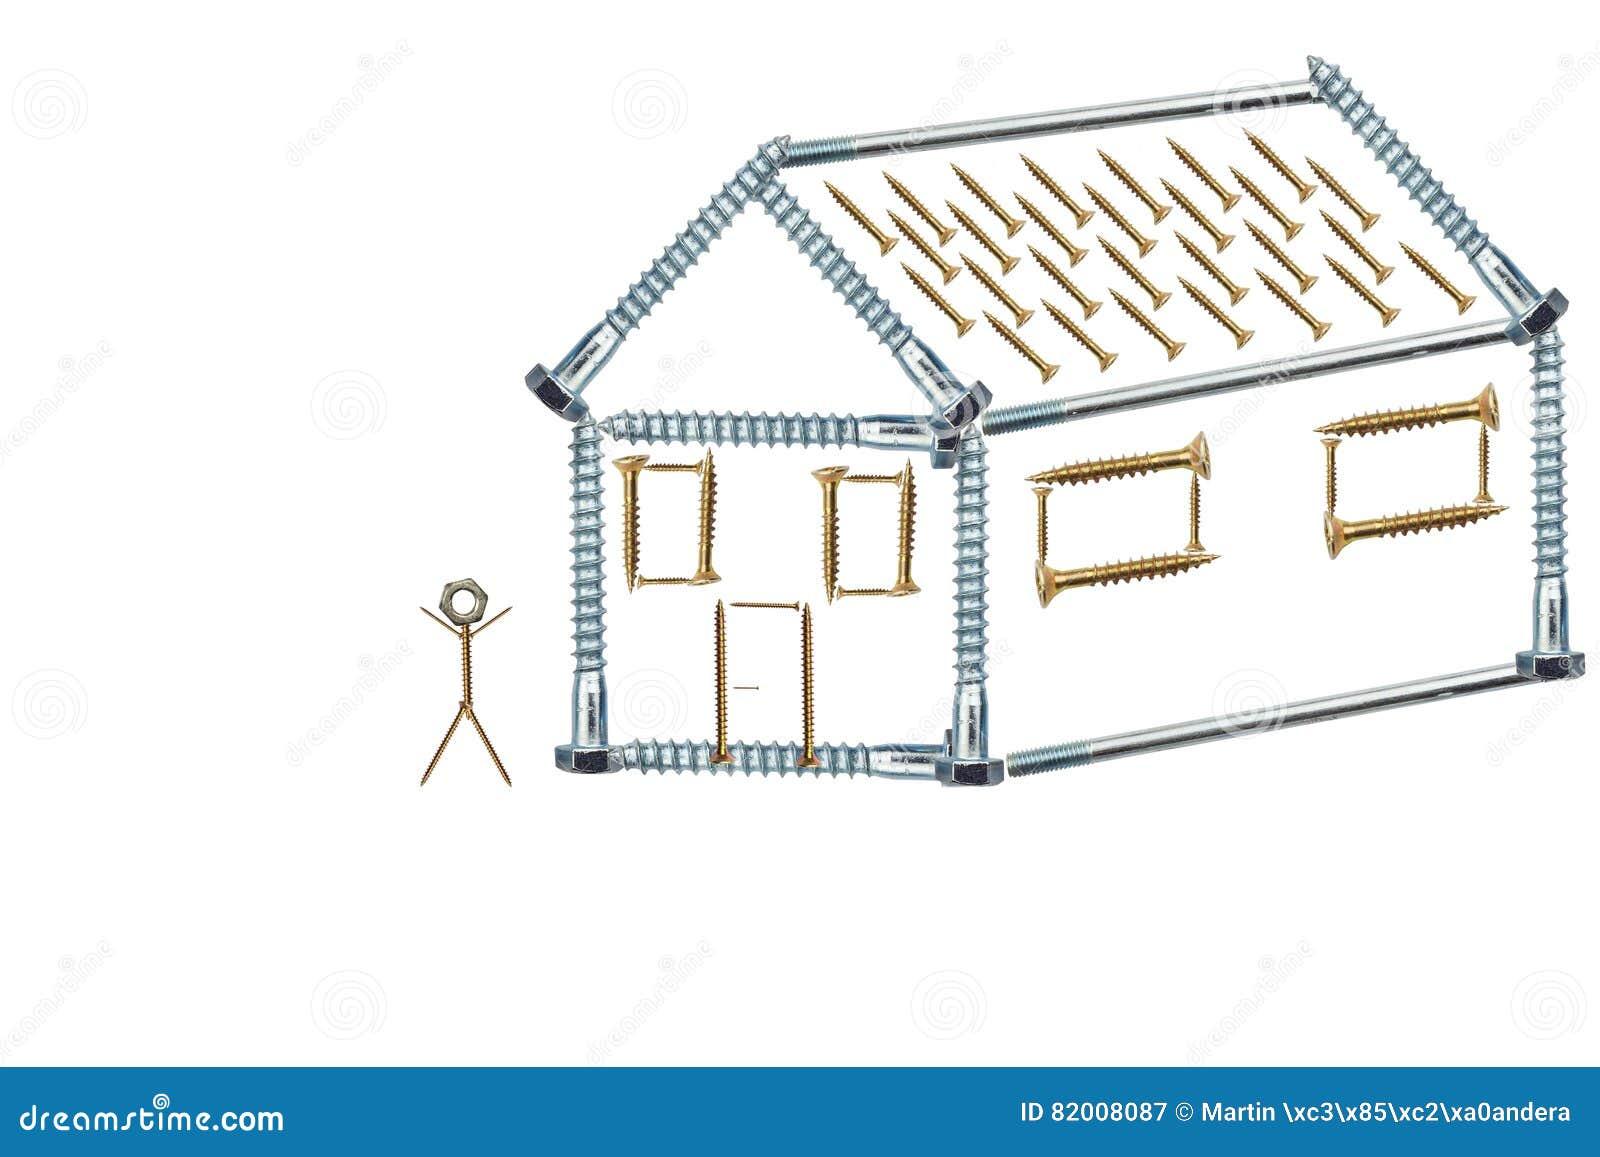 Modele de plan pour construire une maison ventana blog - Plan pour construire maison ...